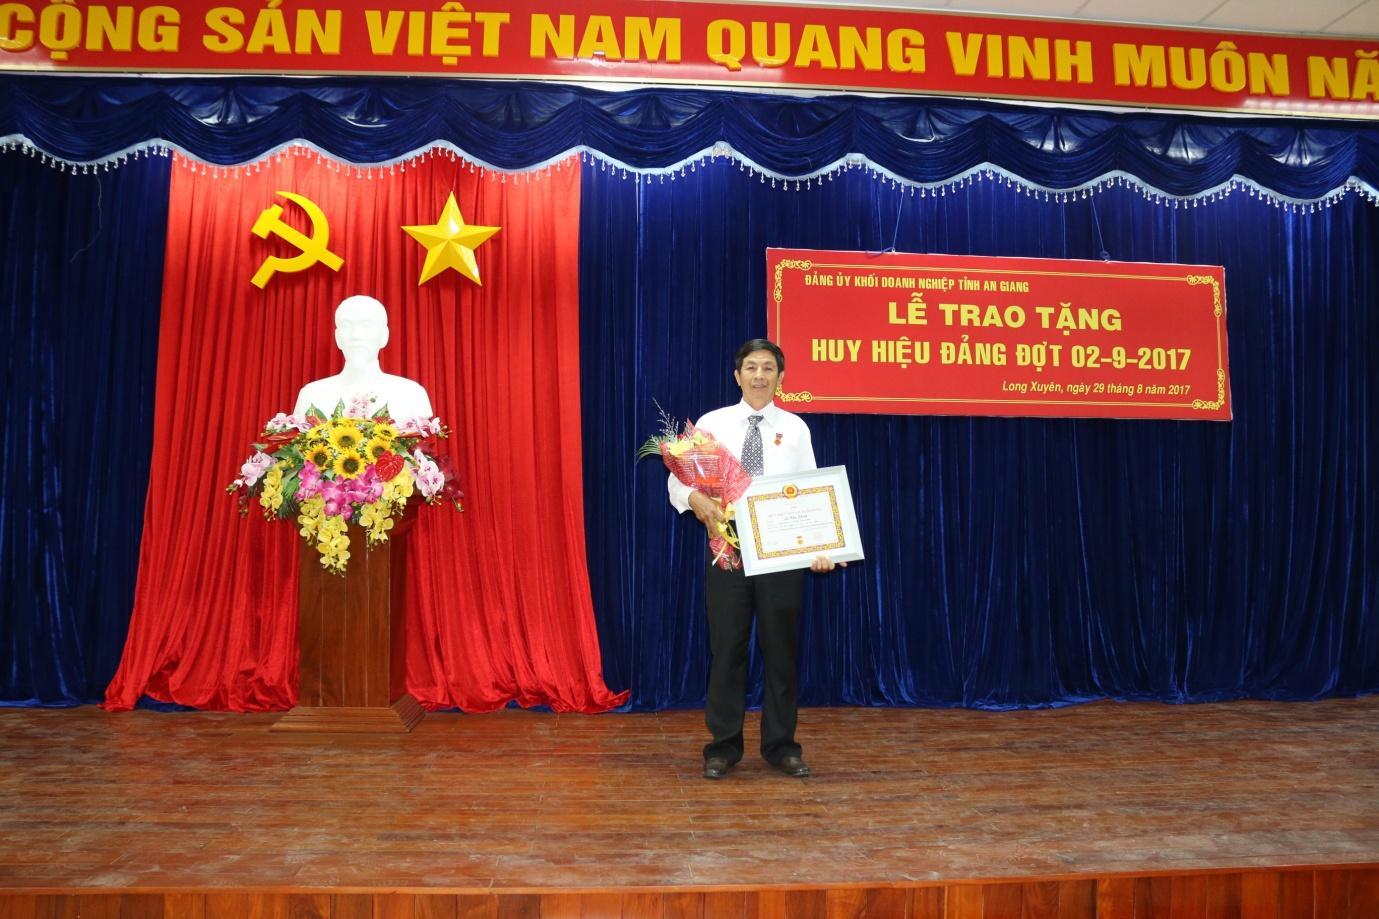 Description: Đồng chí Lê Văn Chinh – Phó Giám đốc BQL Dự án Sao Mai Vũng Tàu vinh dự được nhận huy hiệu 30 năm tuổi Đảng.JPG